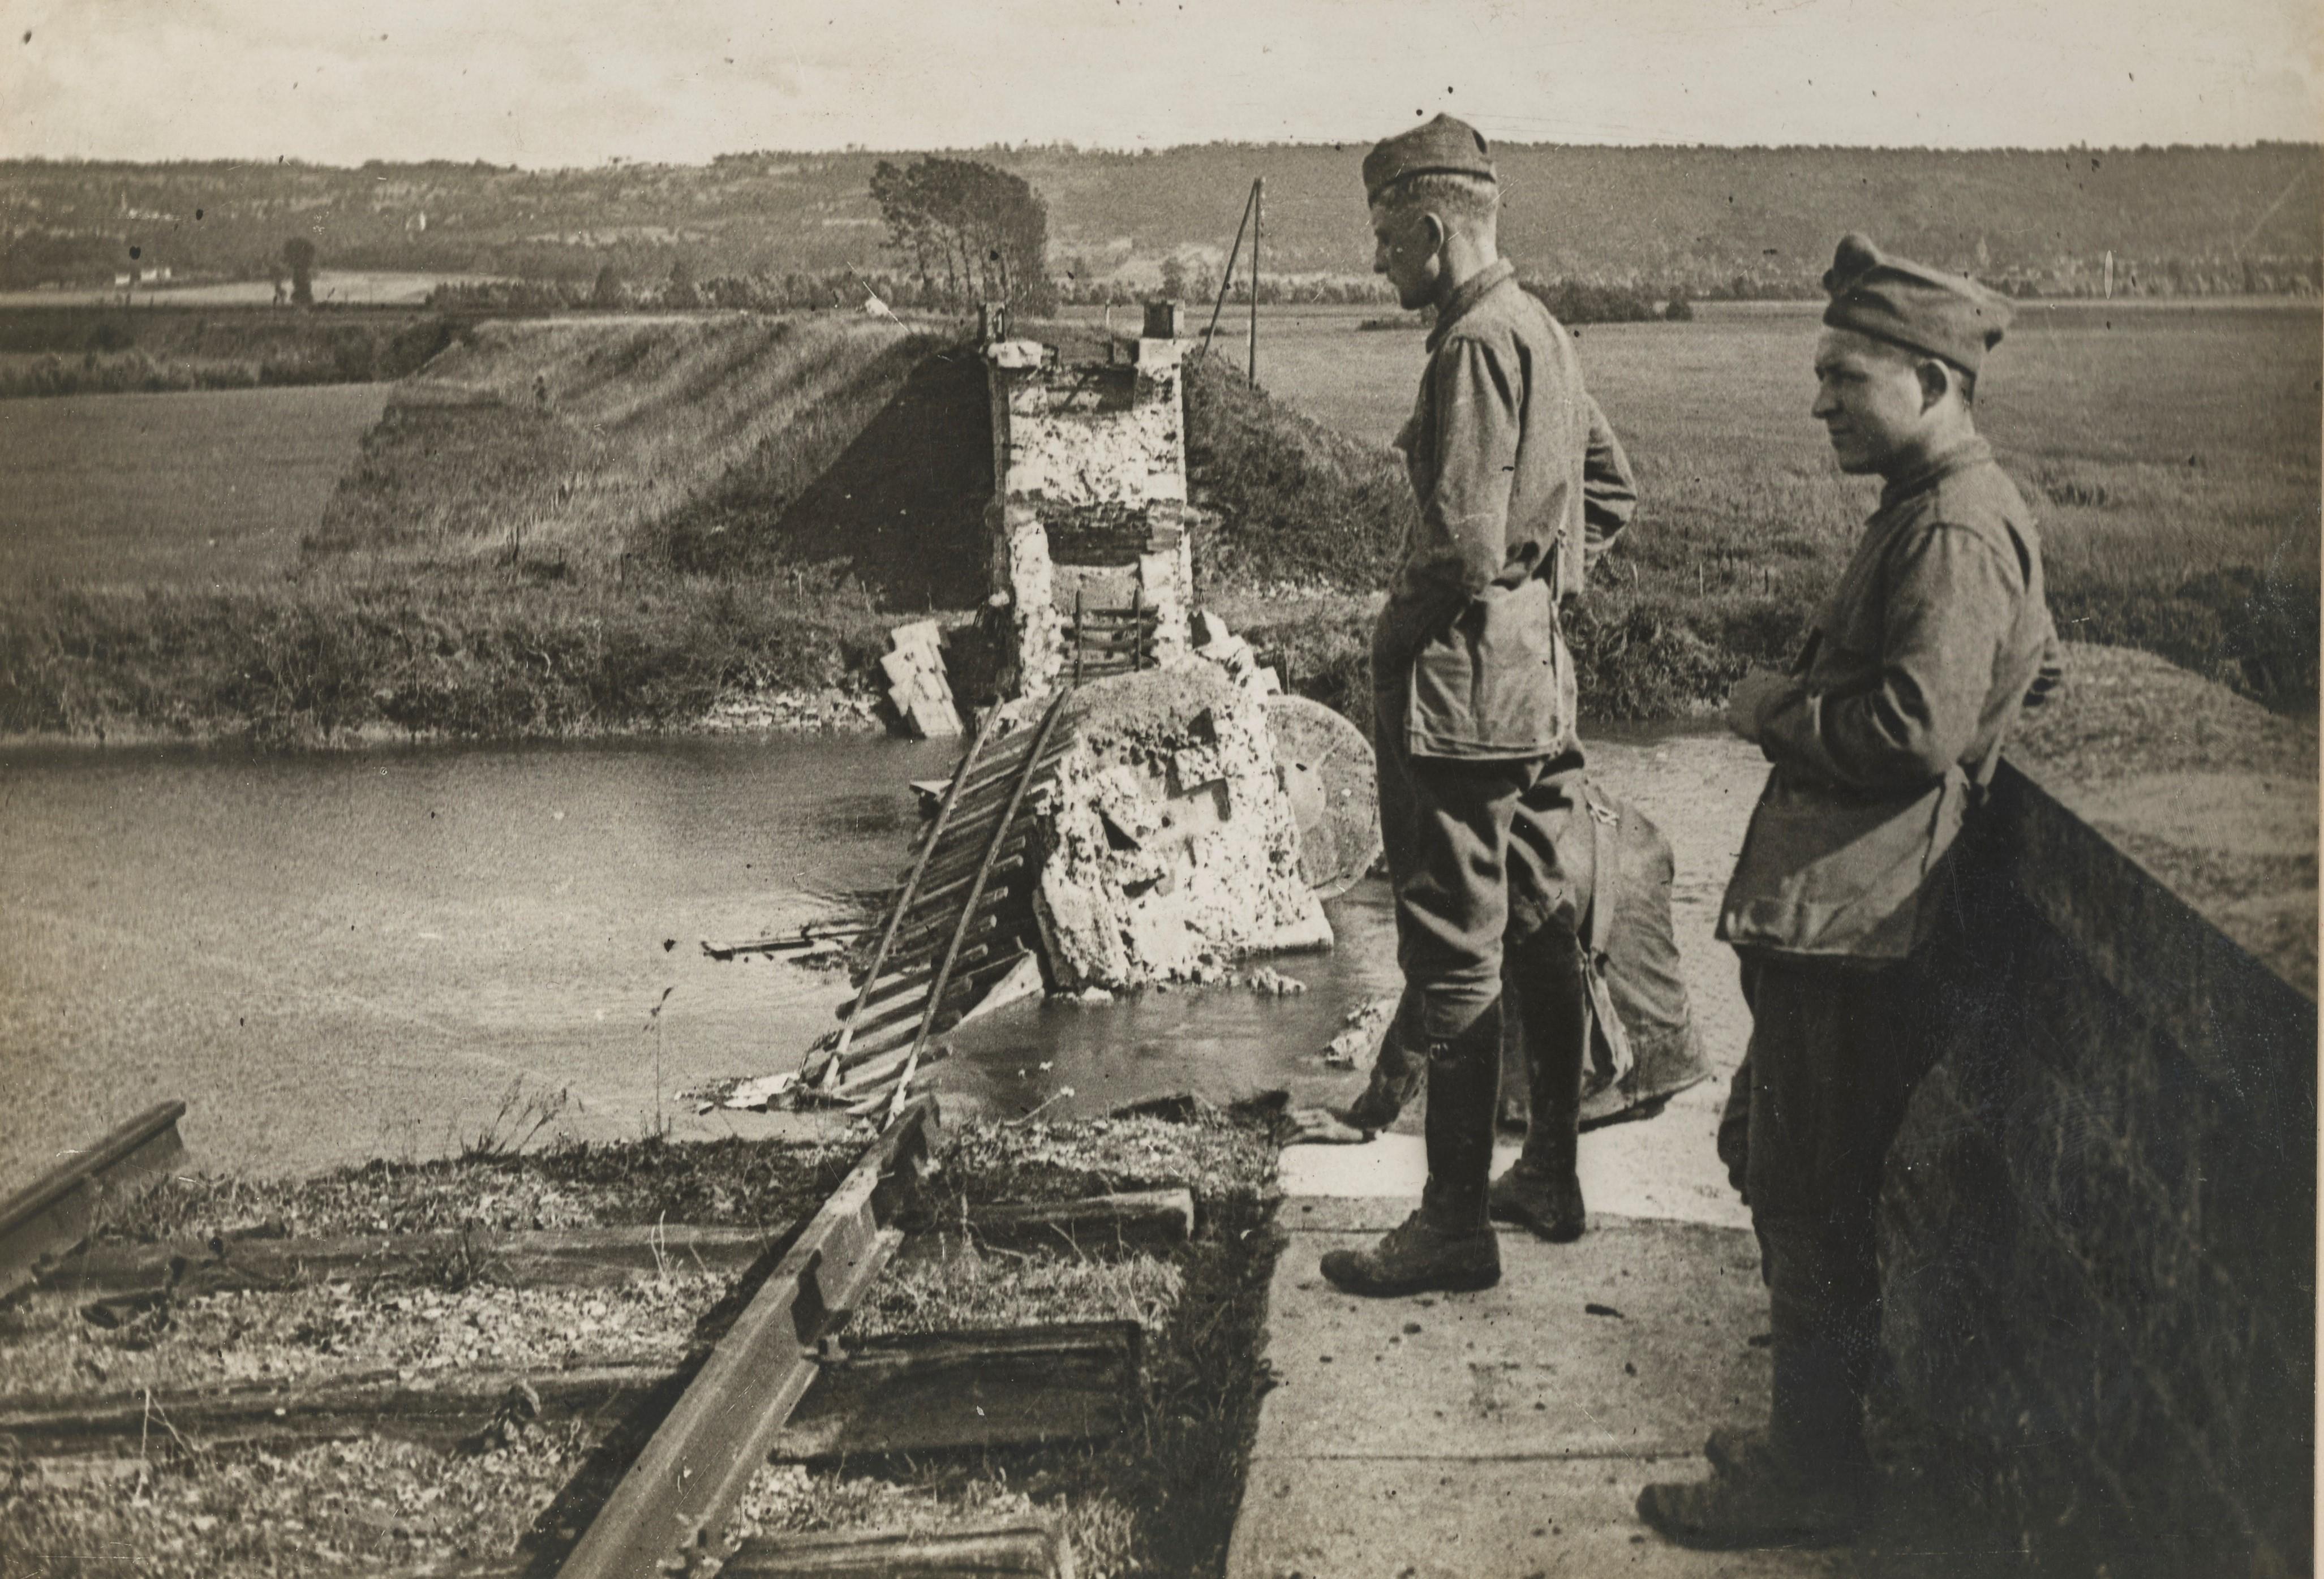 Le pont de Chateau-Thierry détruit par les Allemands, septembre 1918, NARA 165-ww-182C-013